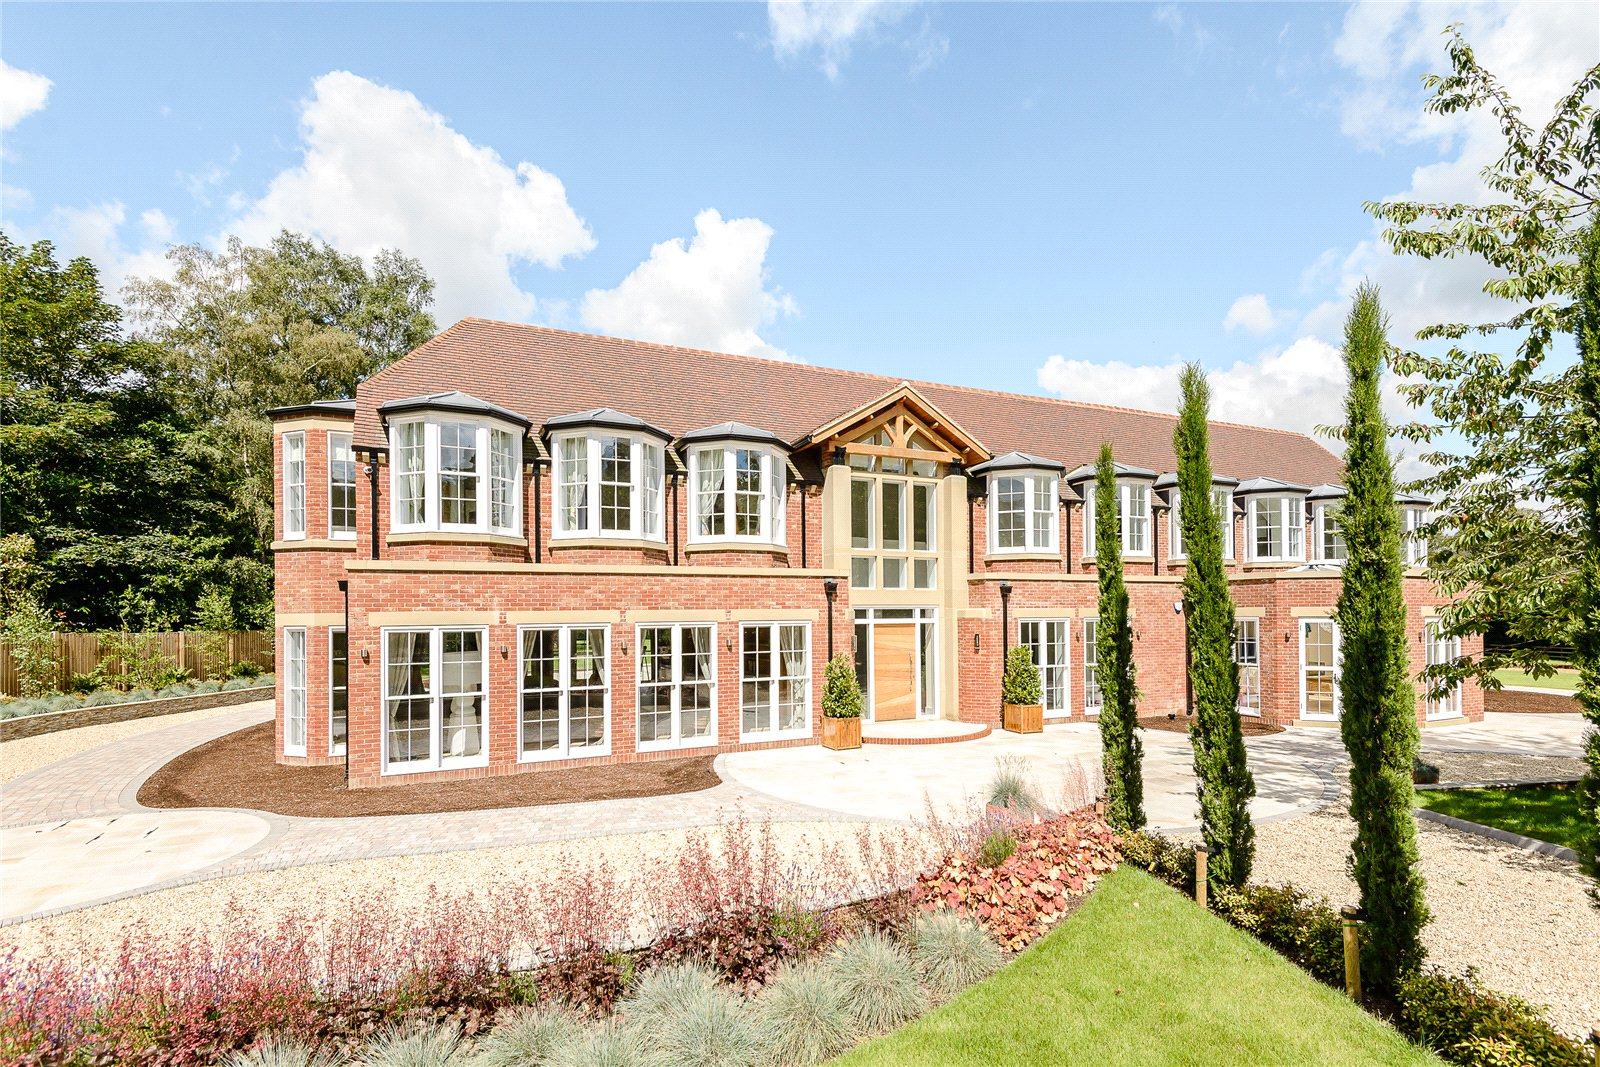 獨棟家庭住宅 為 出售 在 Fulmer Common Road, Fulmer/Iver, Buckinghamshire, SL0 Buckinghamshire, 英格蘭